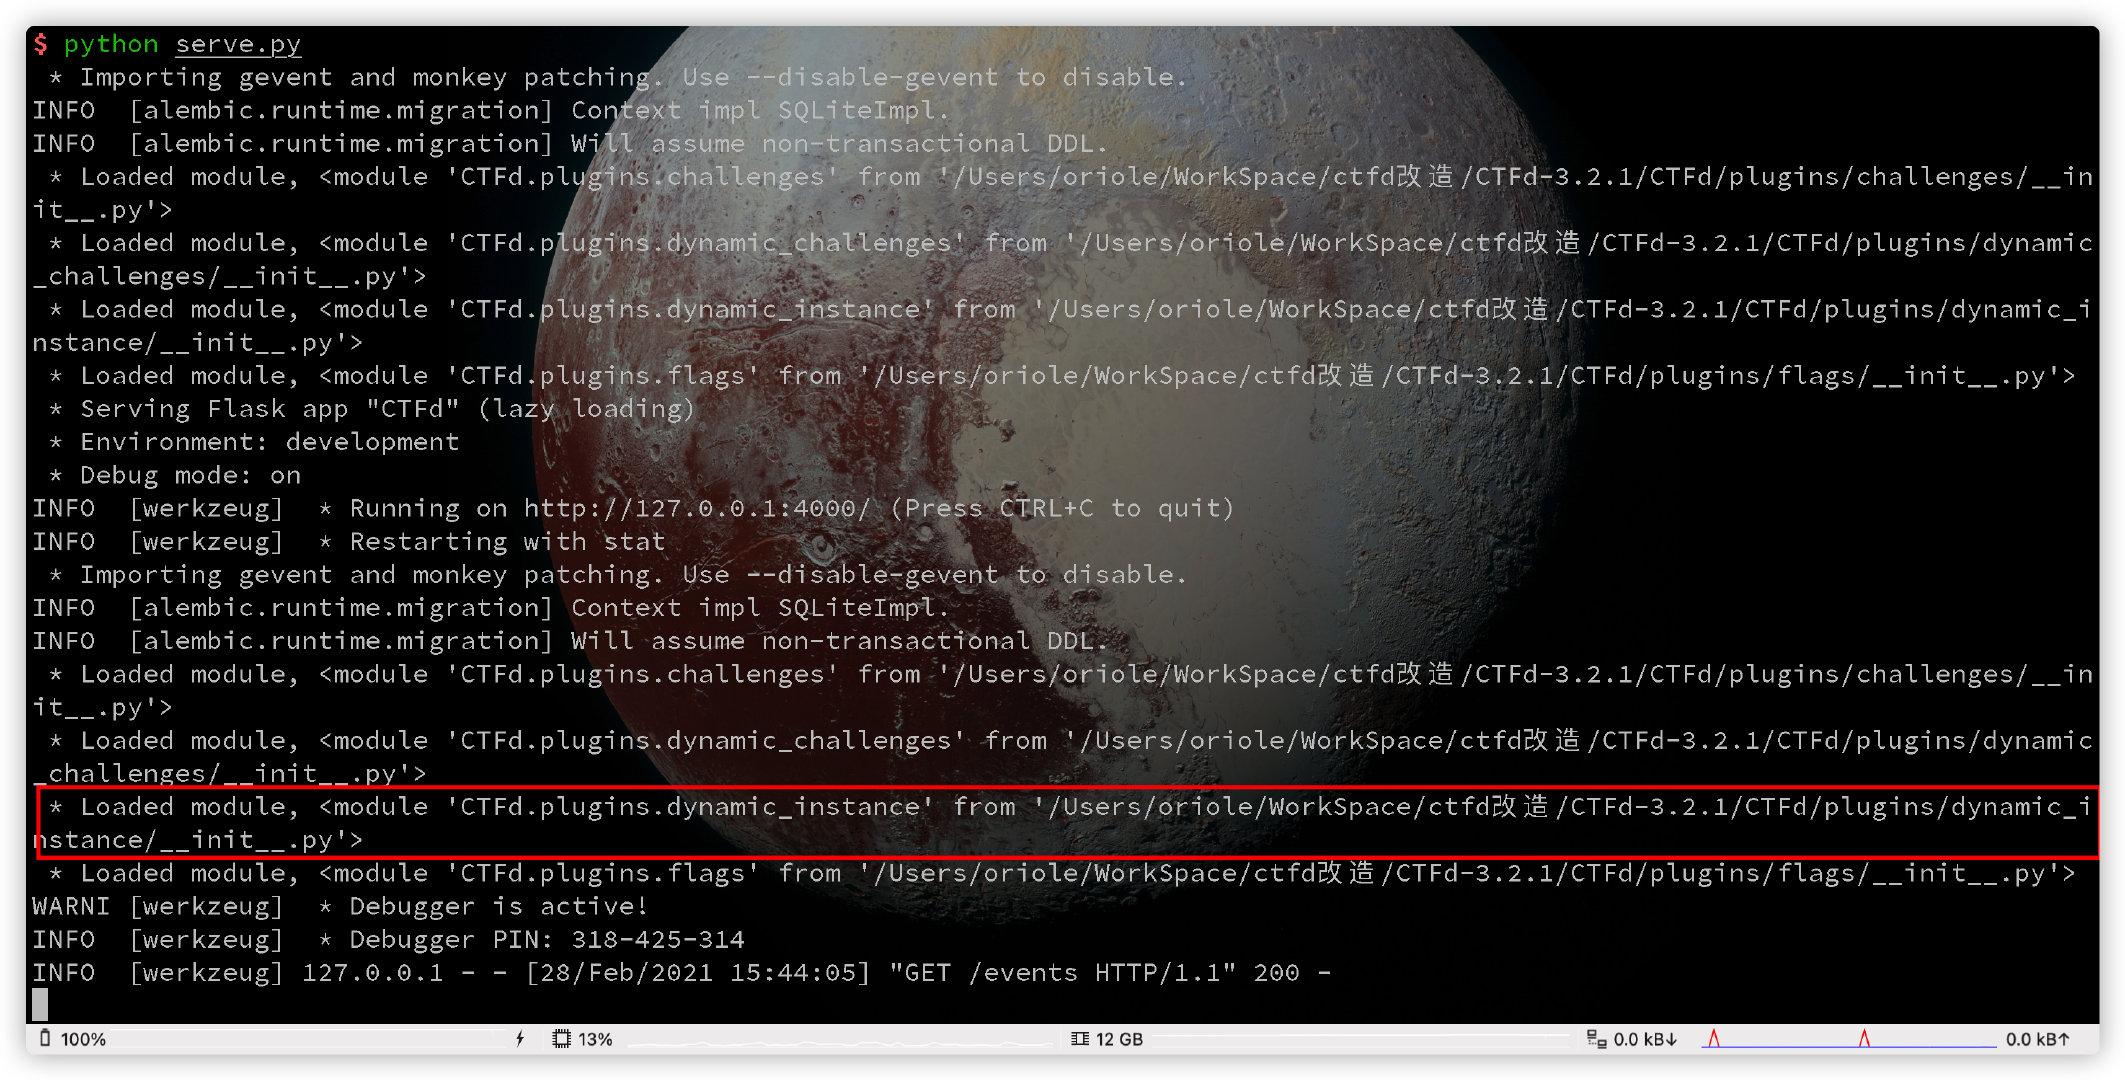 image-20210228154456825